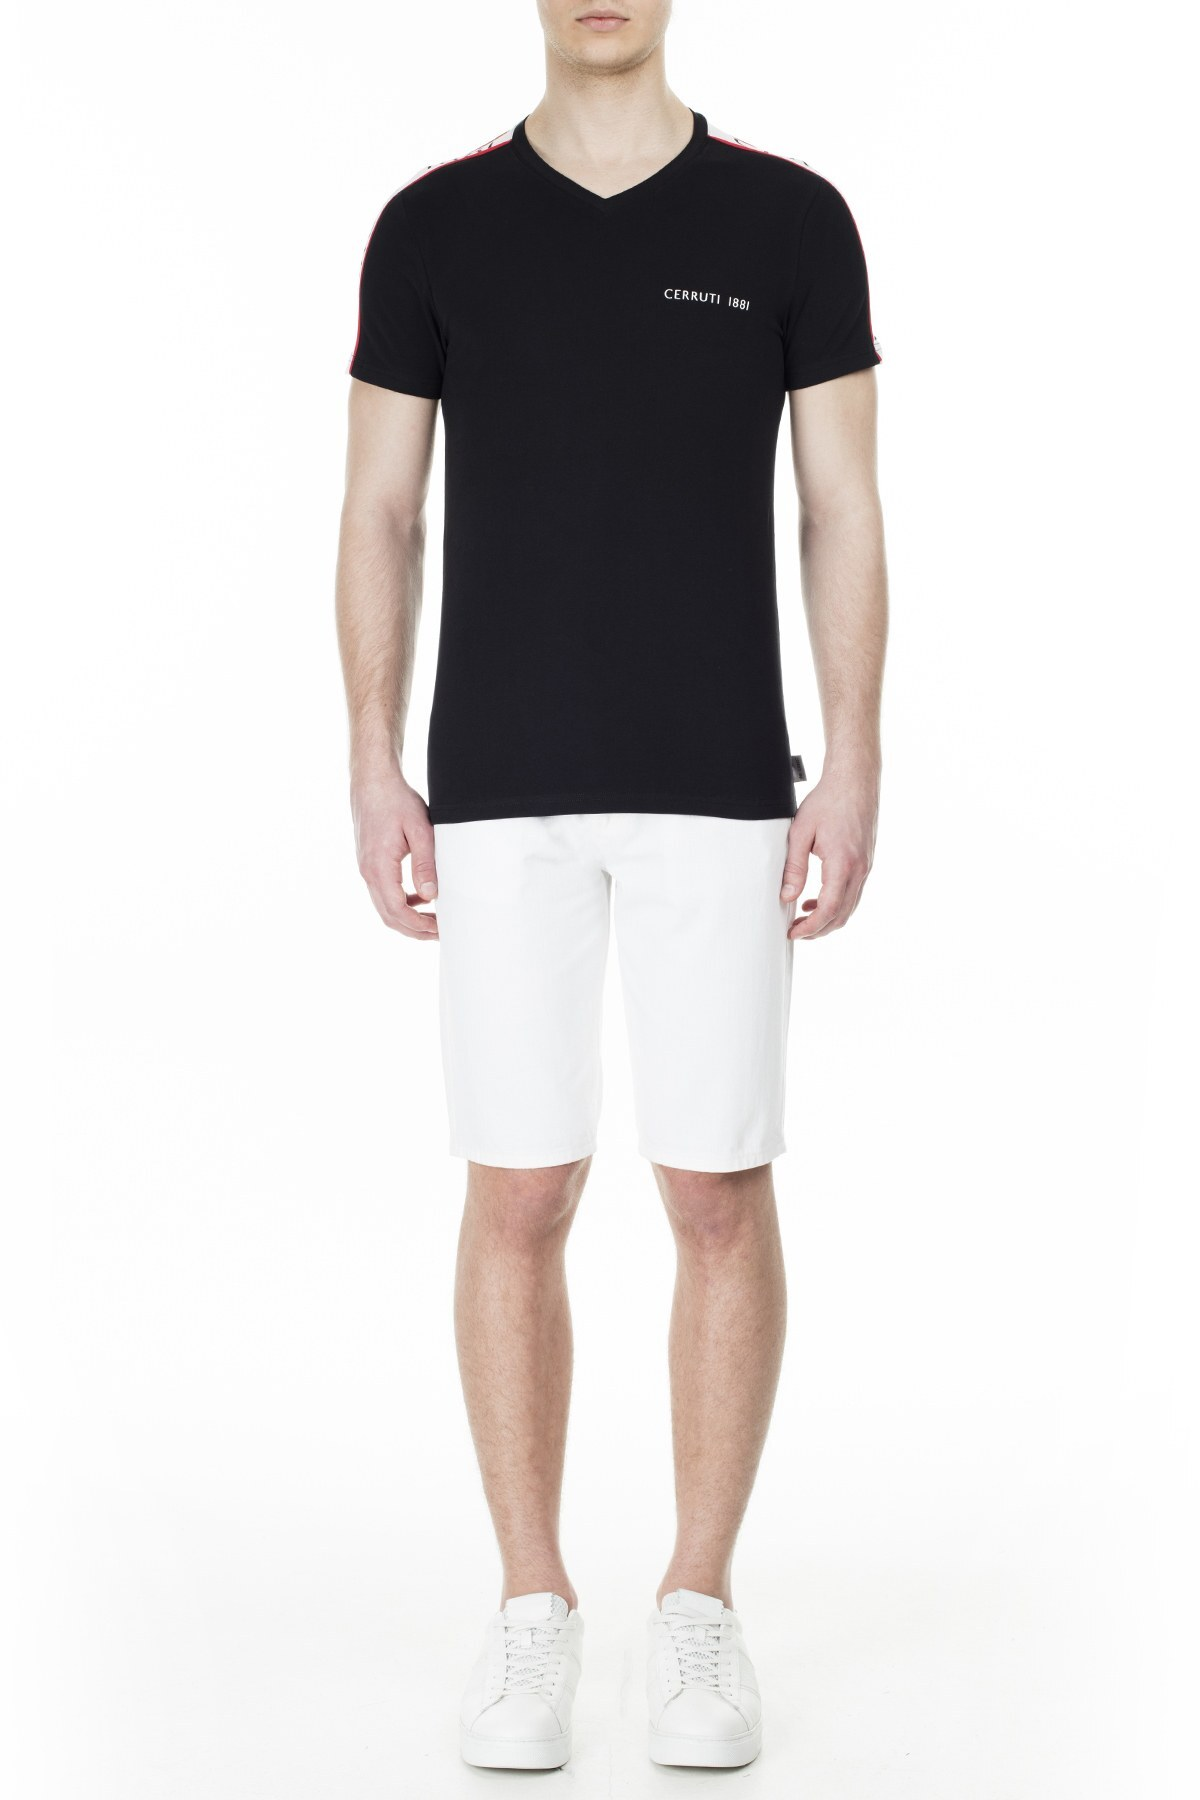 Cerruti 1881 Erkek T Shirt 203-001719 SİYAH